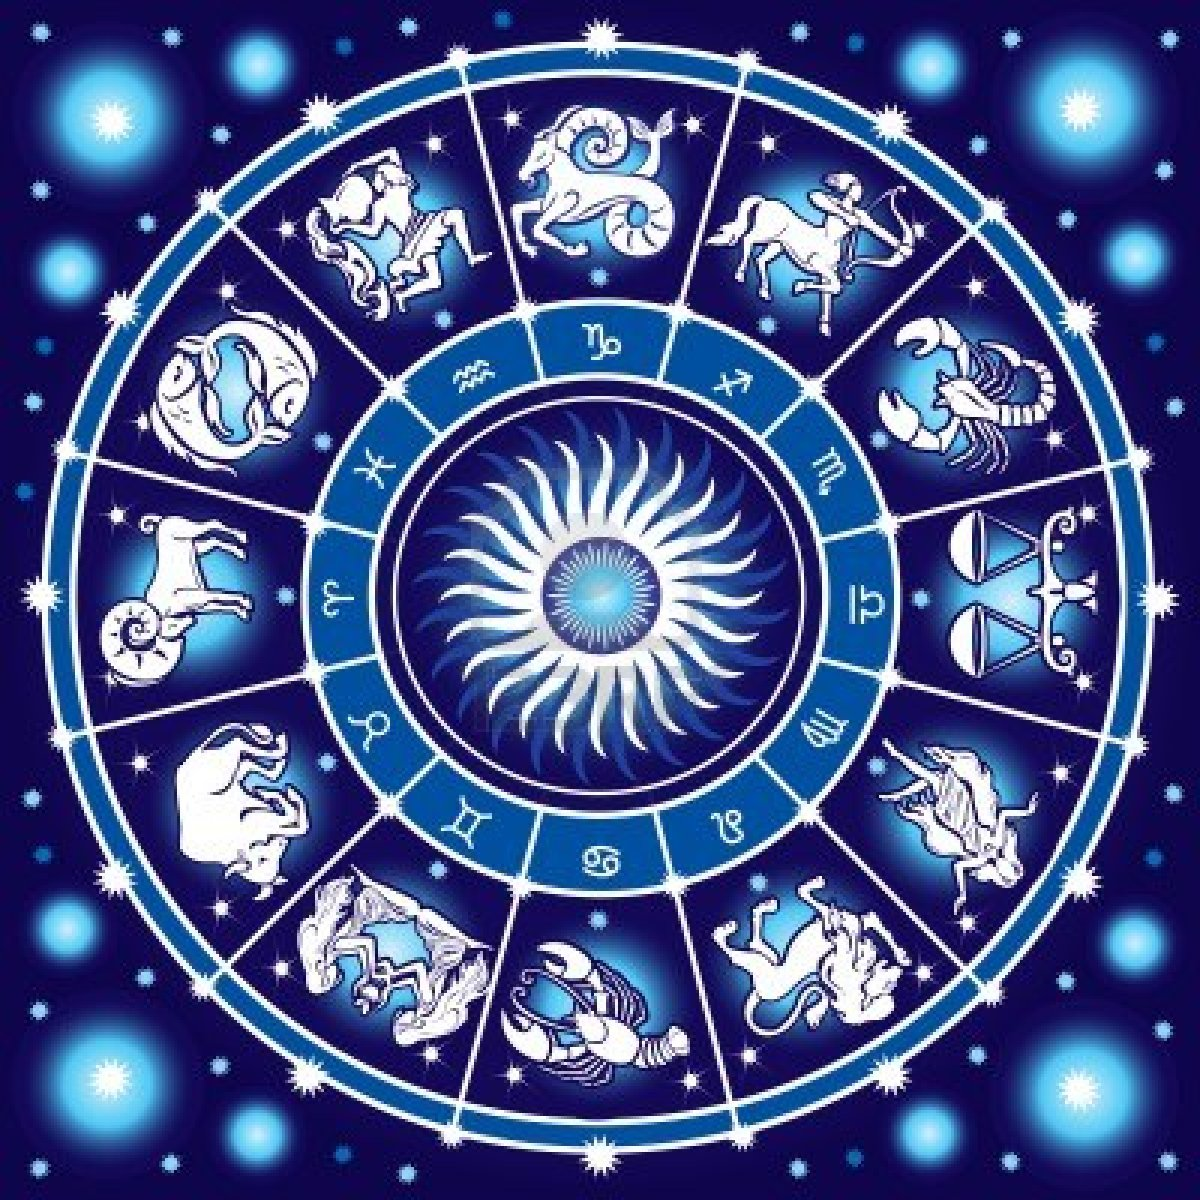 Or genes de los signos del zod aco - Signo del sodiaco ...